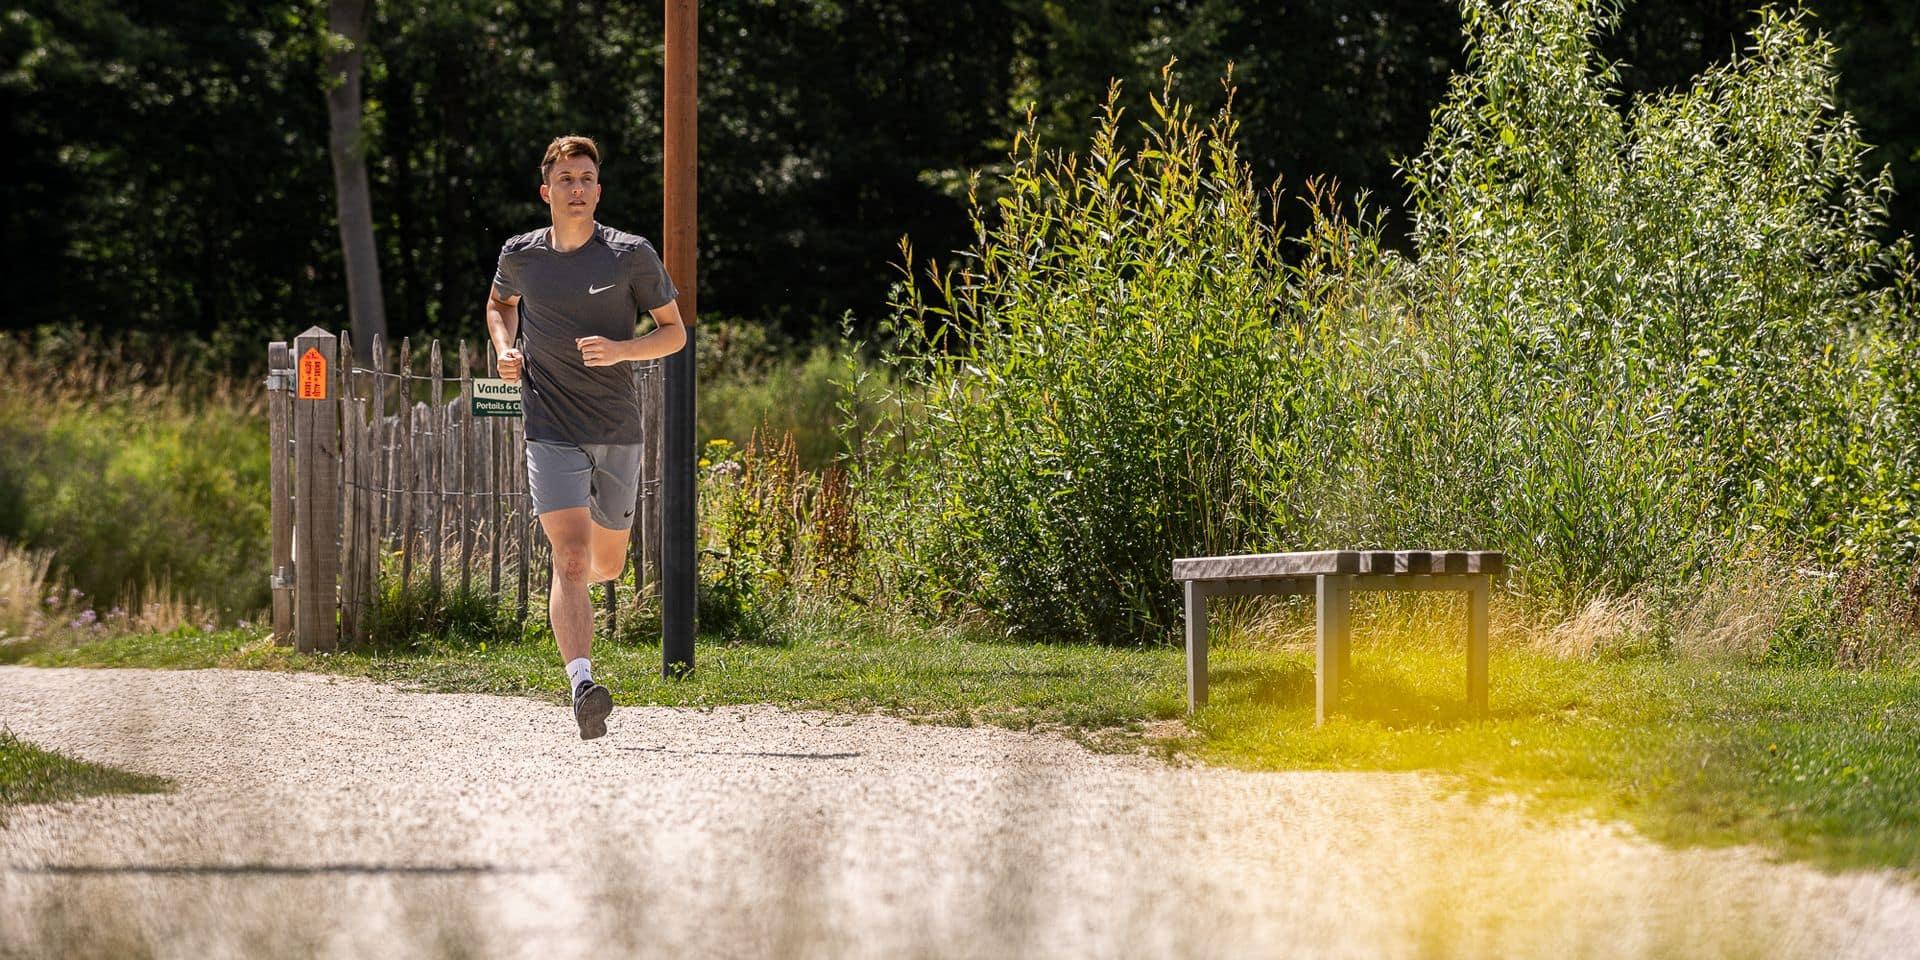 Les conseils pour débuter en course à pied